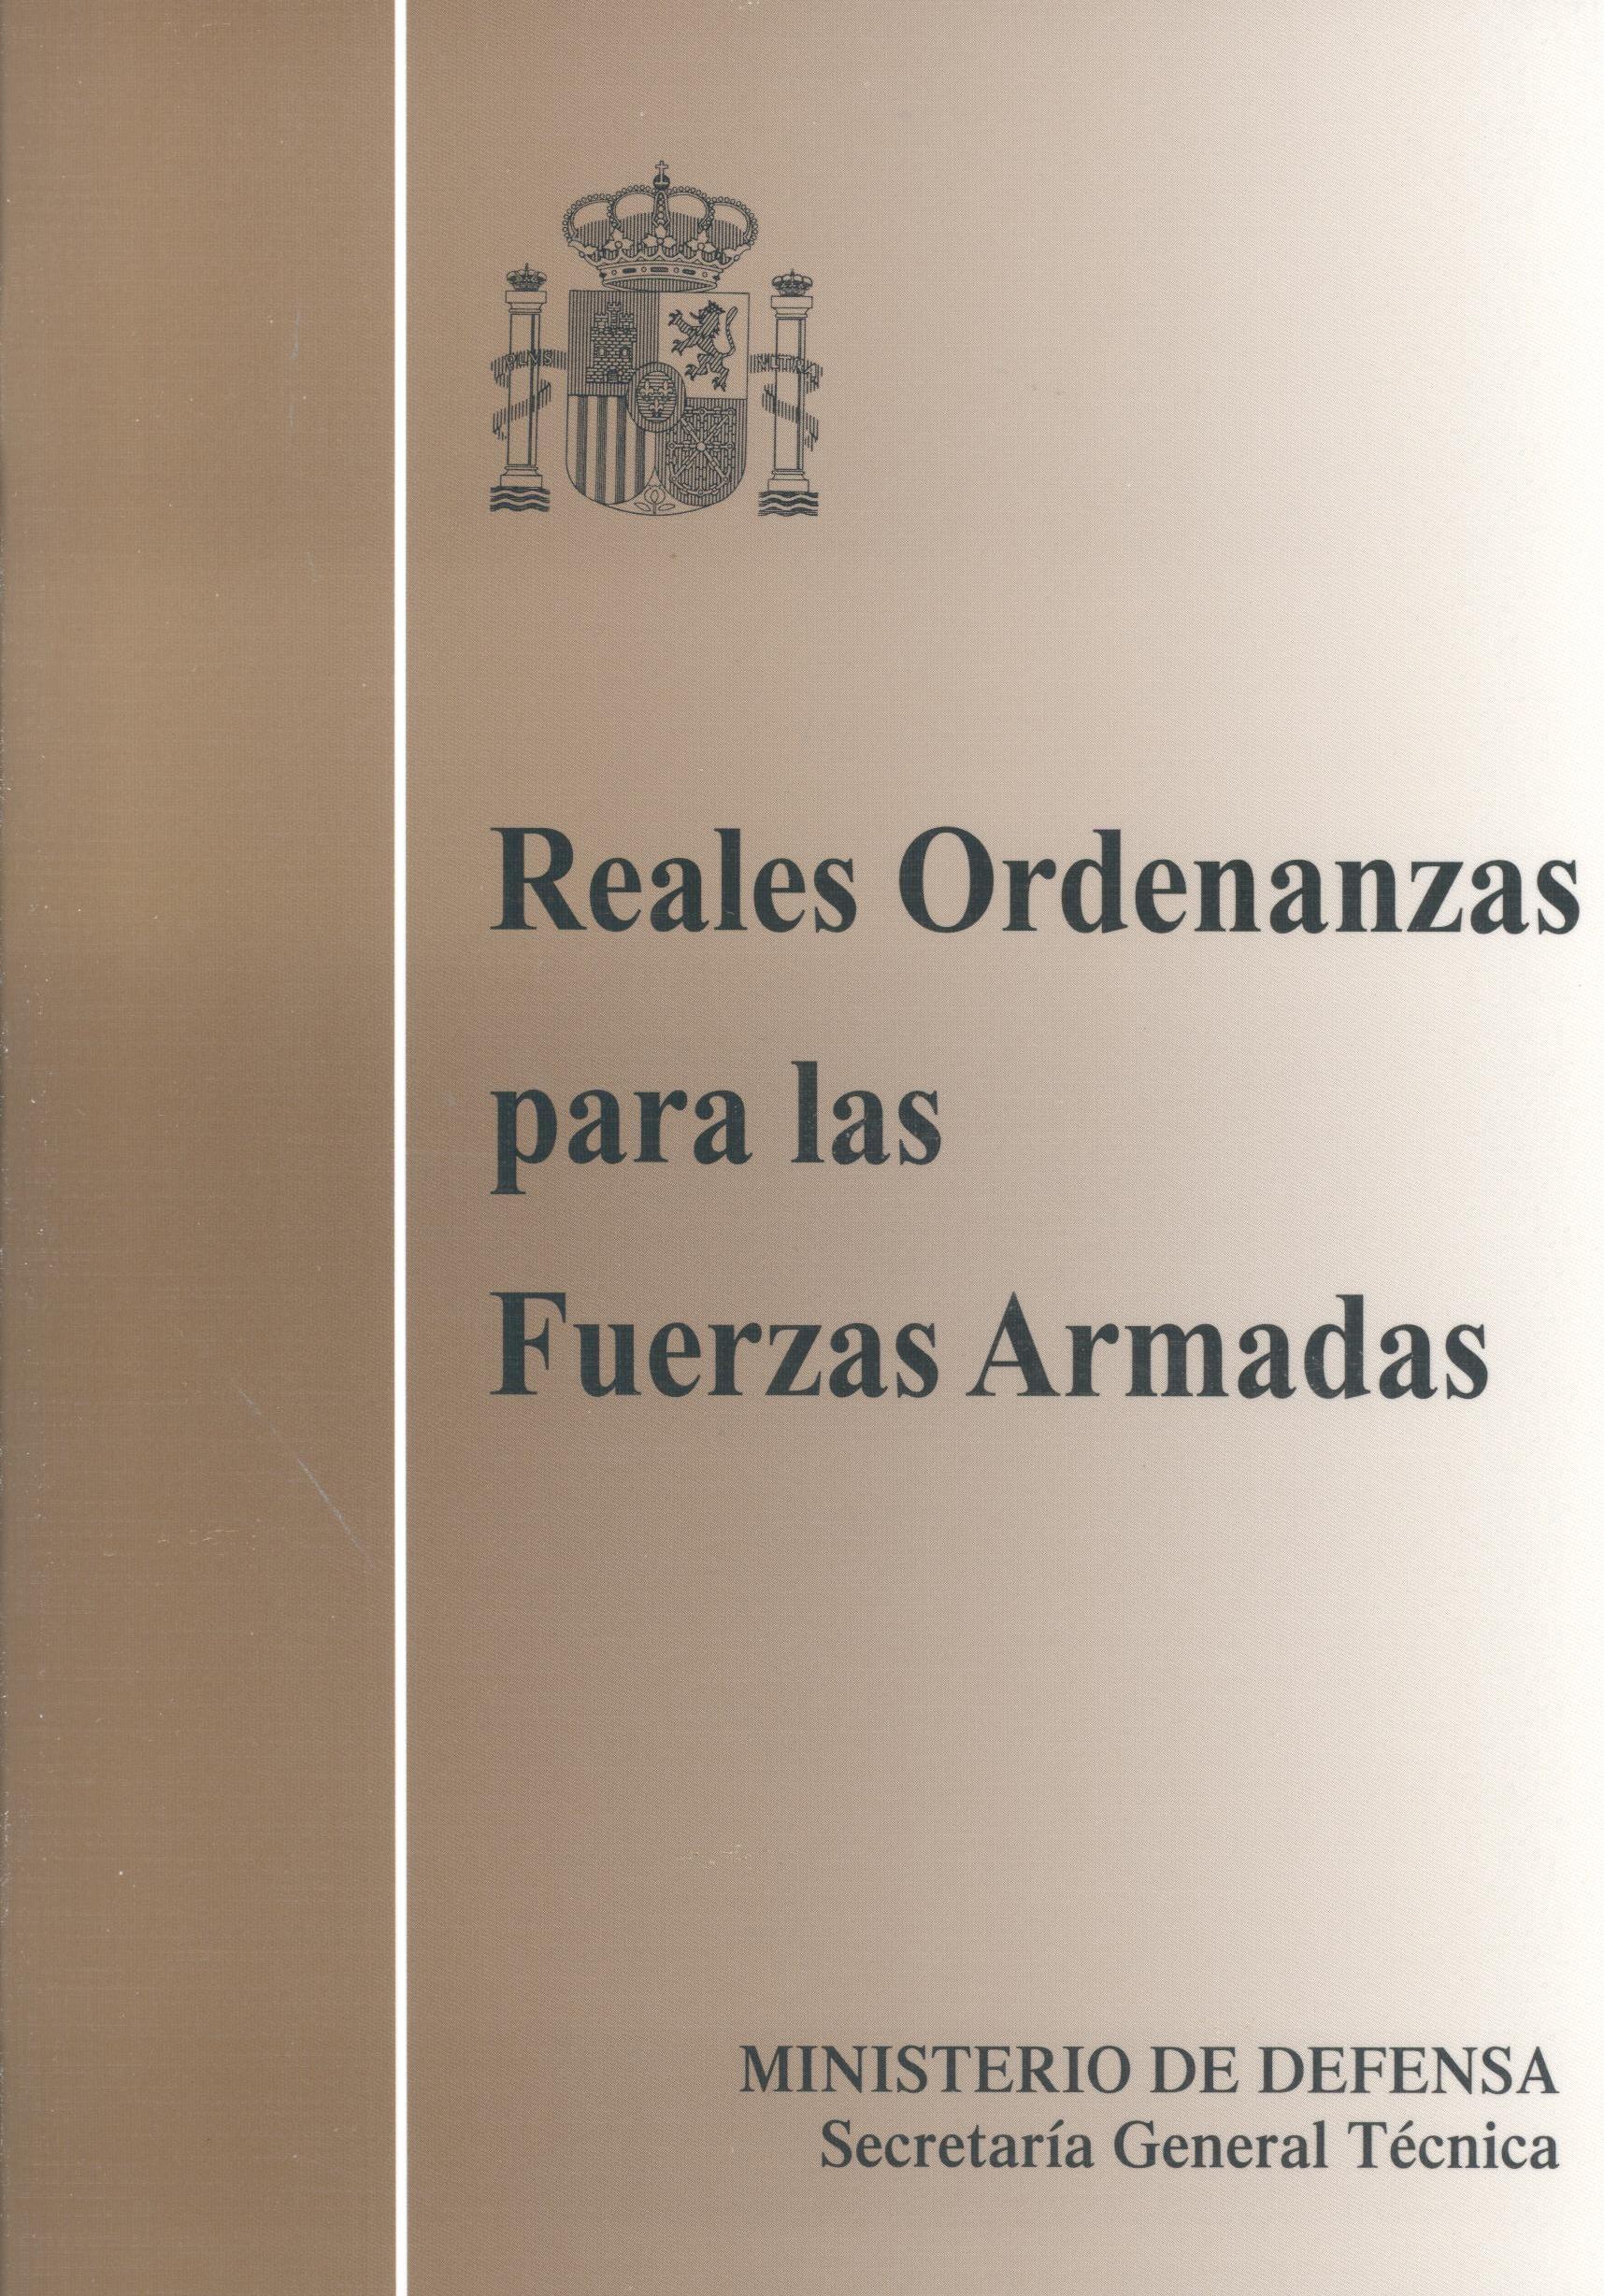 REALES ORDENANZAS DE LAS FUERZAS ARMADAS